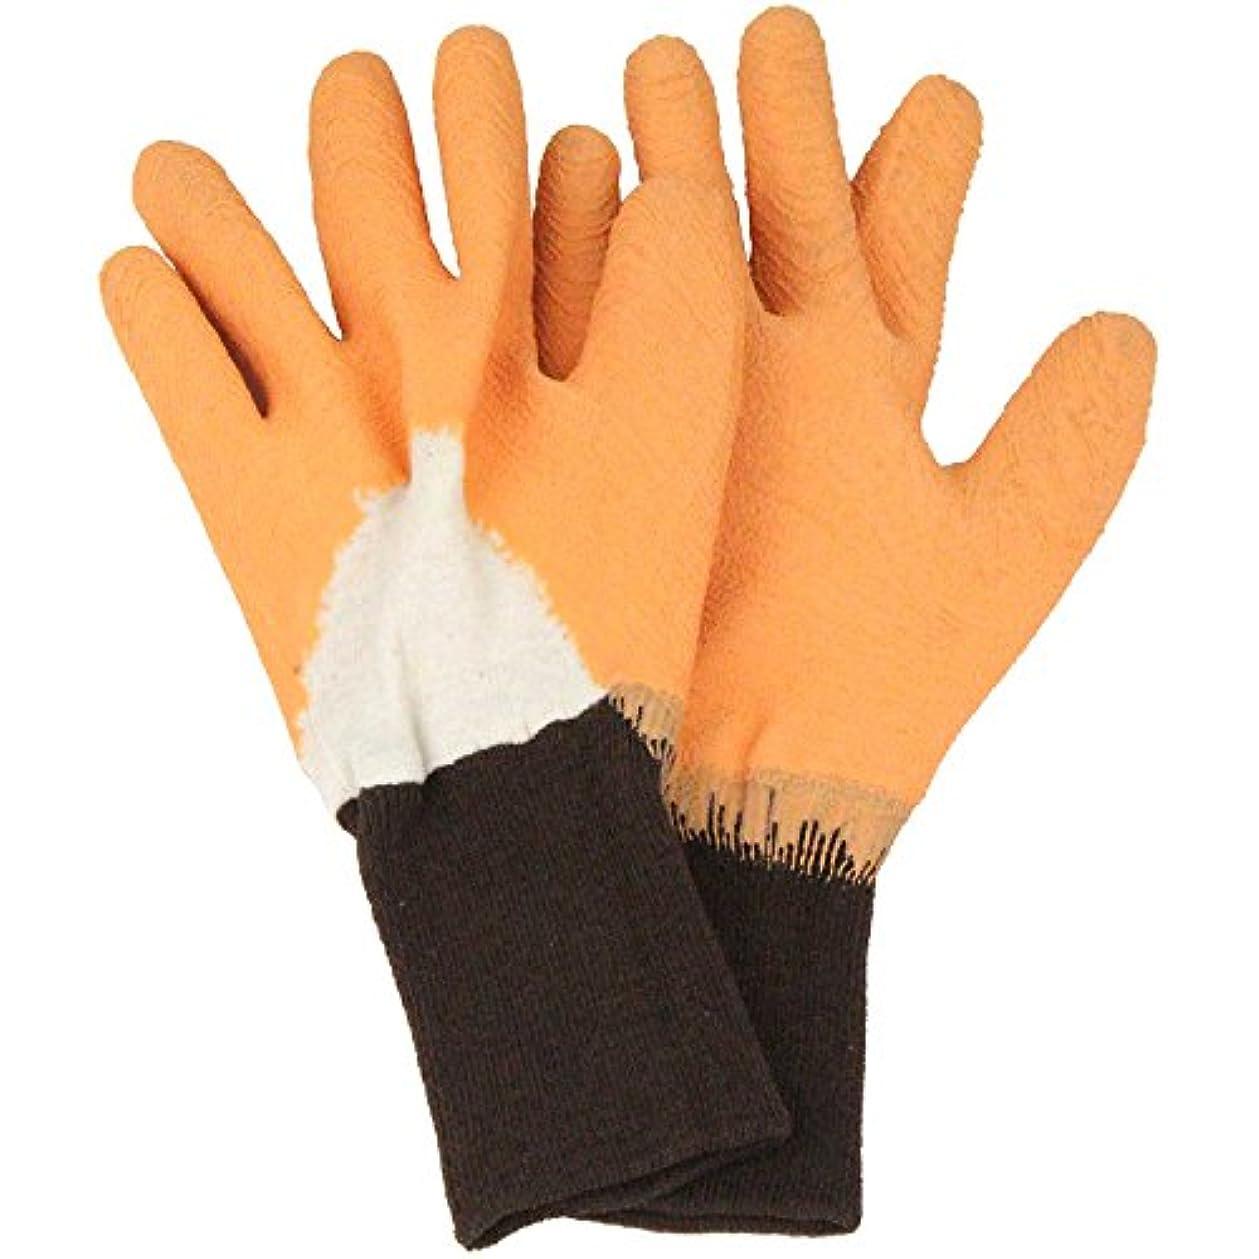 農場登録するスラッシュセフティー3 トゲがささりにくい手袋 オレンジ M